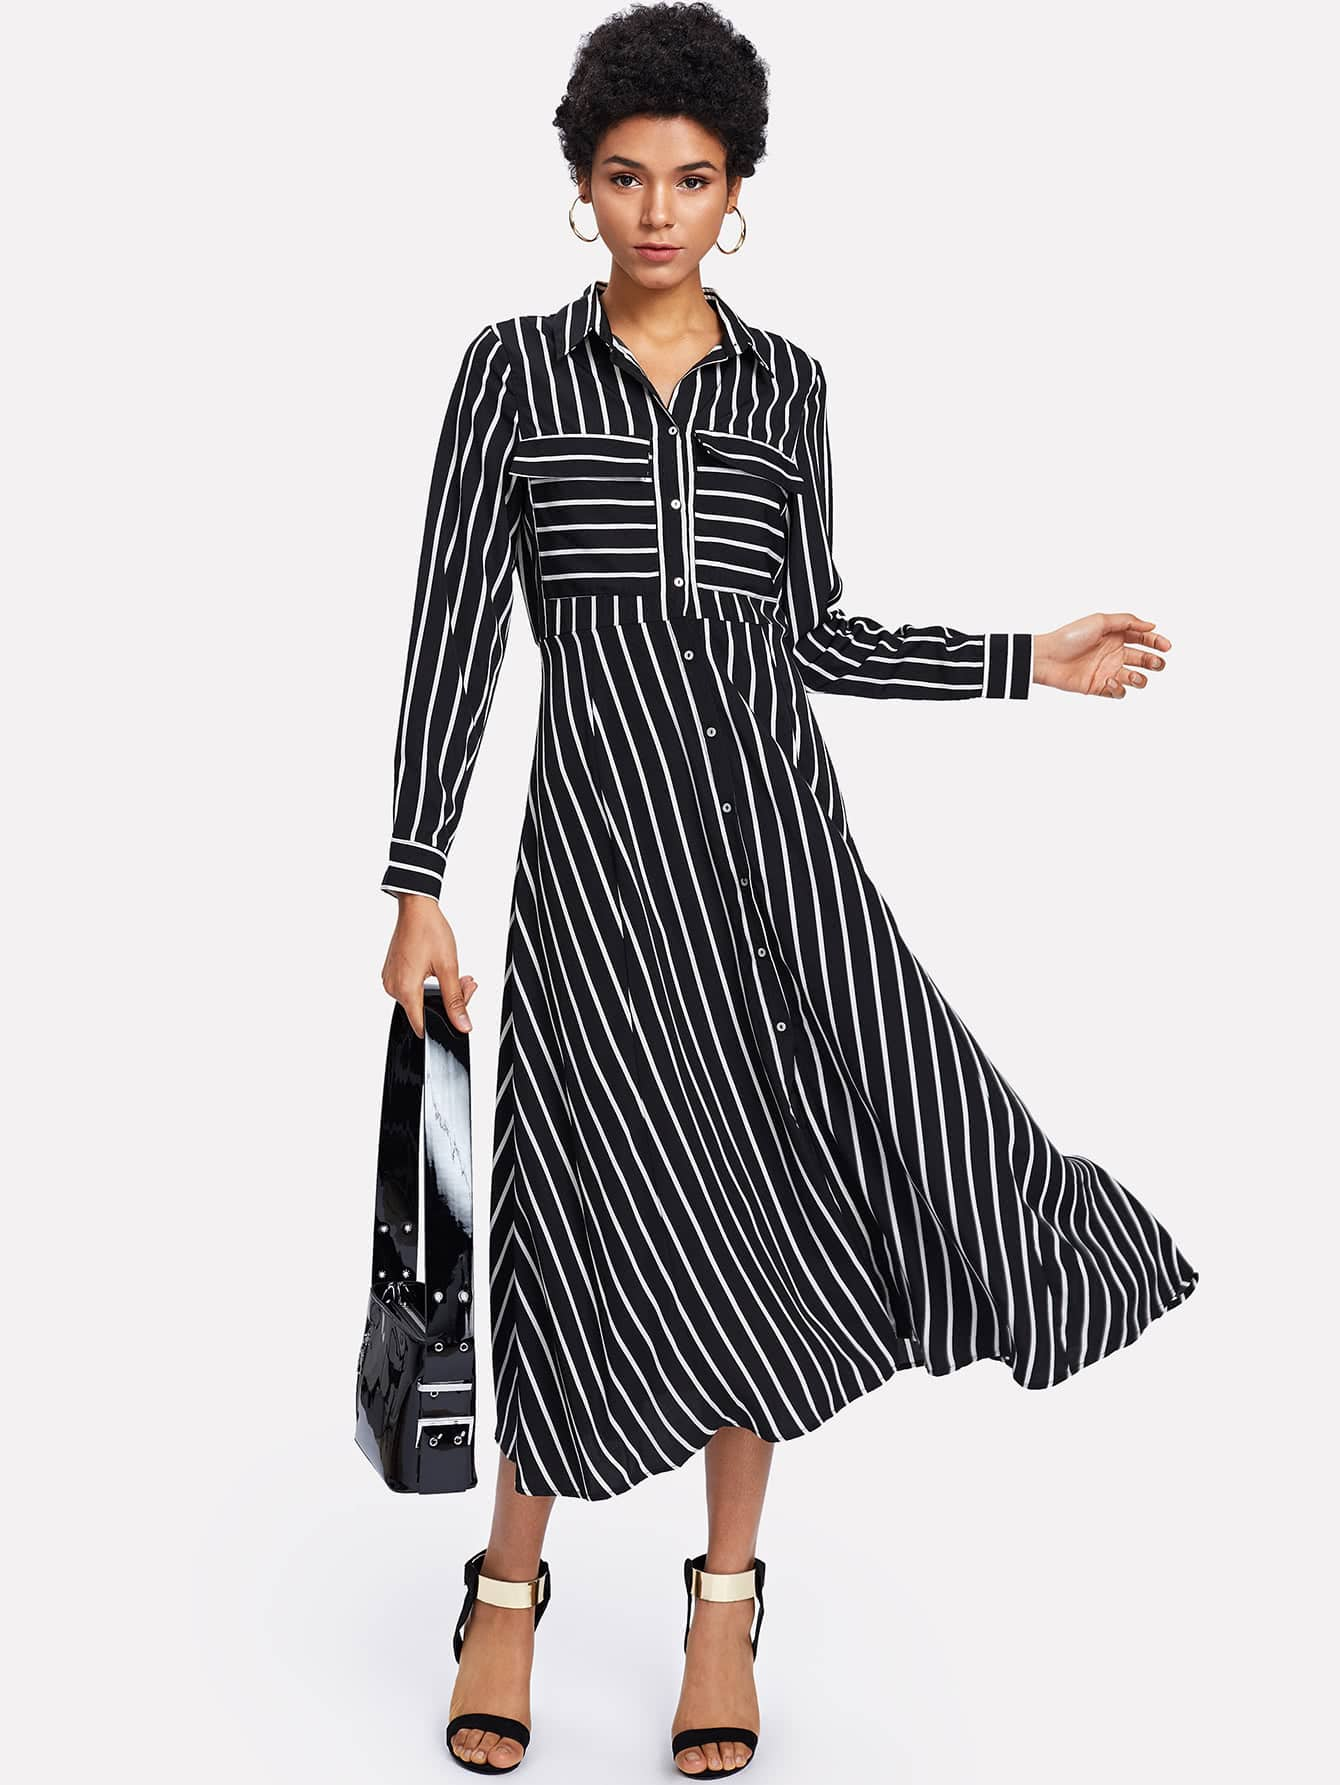 Pocket Patch Button Up Front Shirt Dress plus size button up belted pocket shirt dress